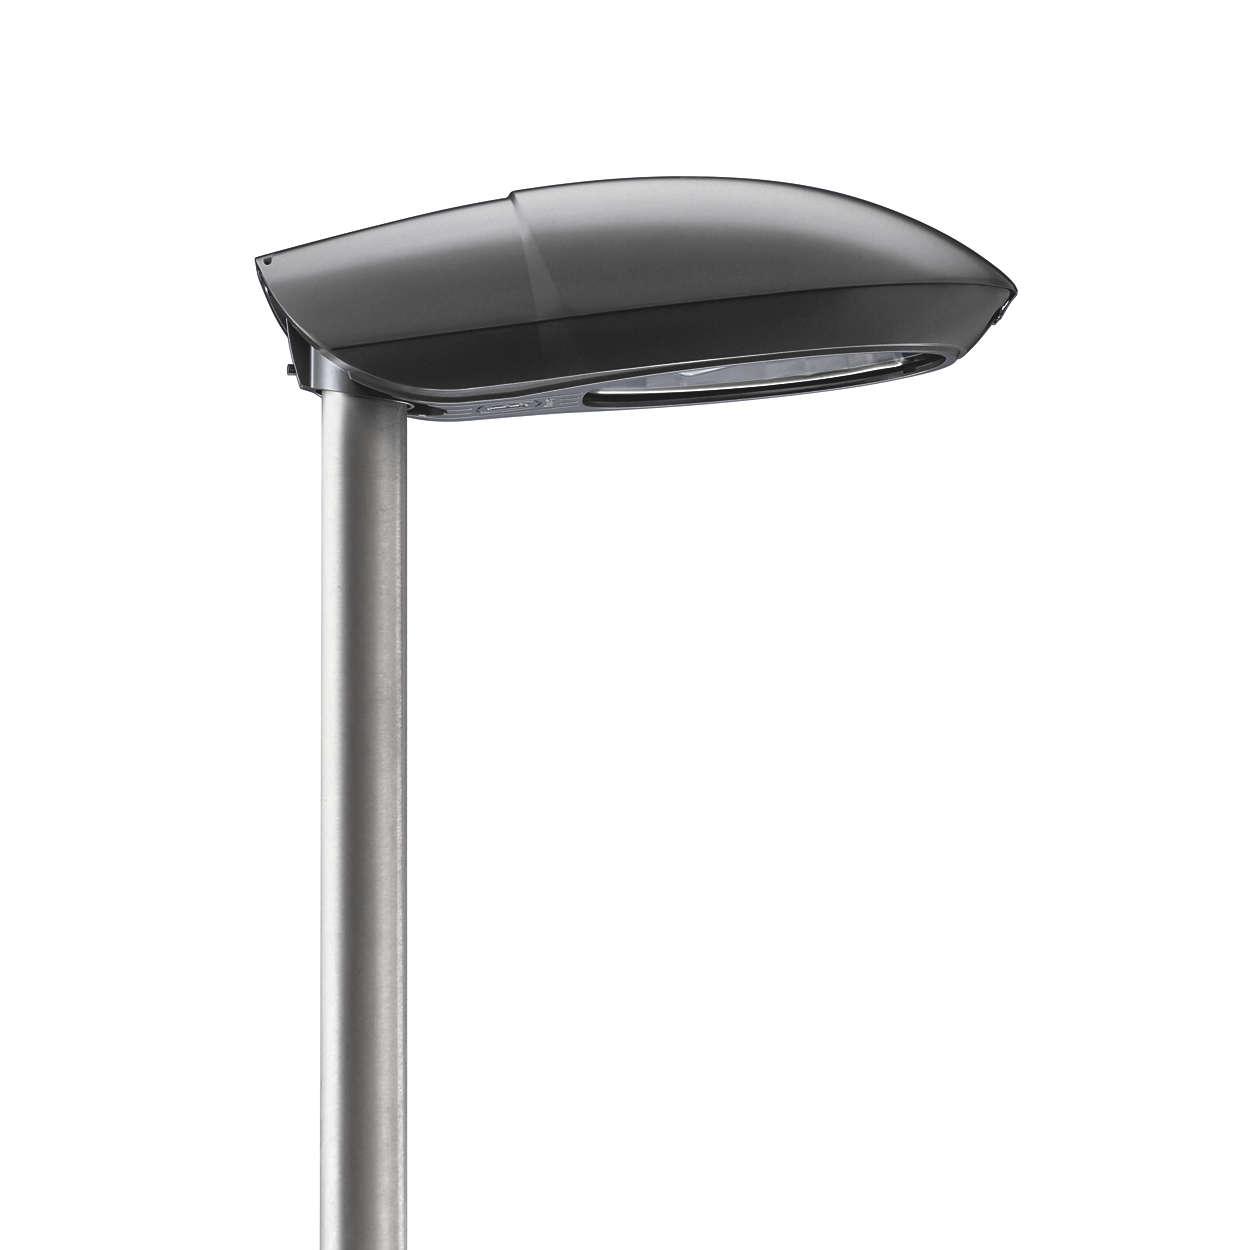 Arc : gamme complète et multifonctionnelle d'éclairage de la voie publique avec un design intemporel